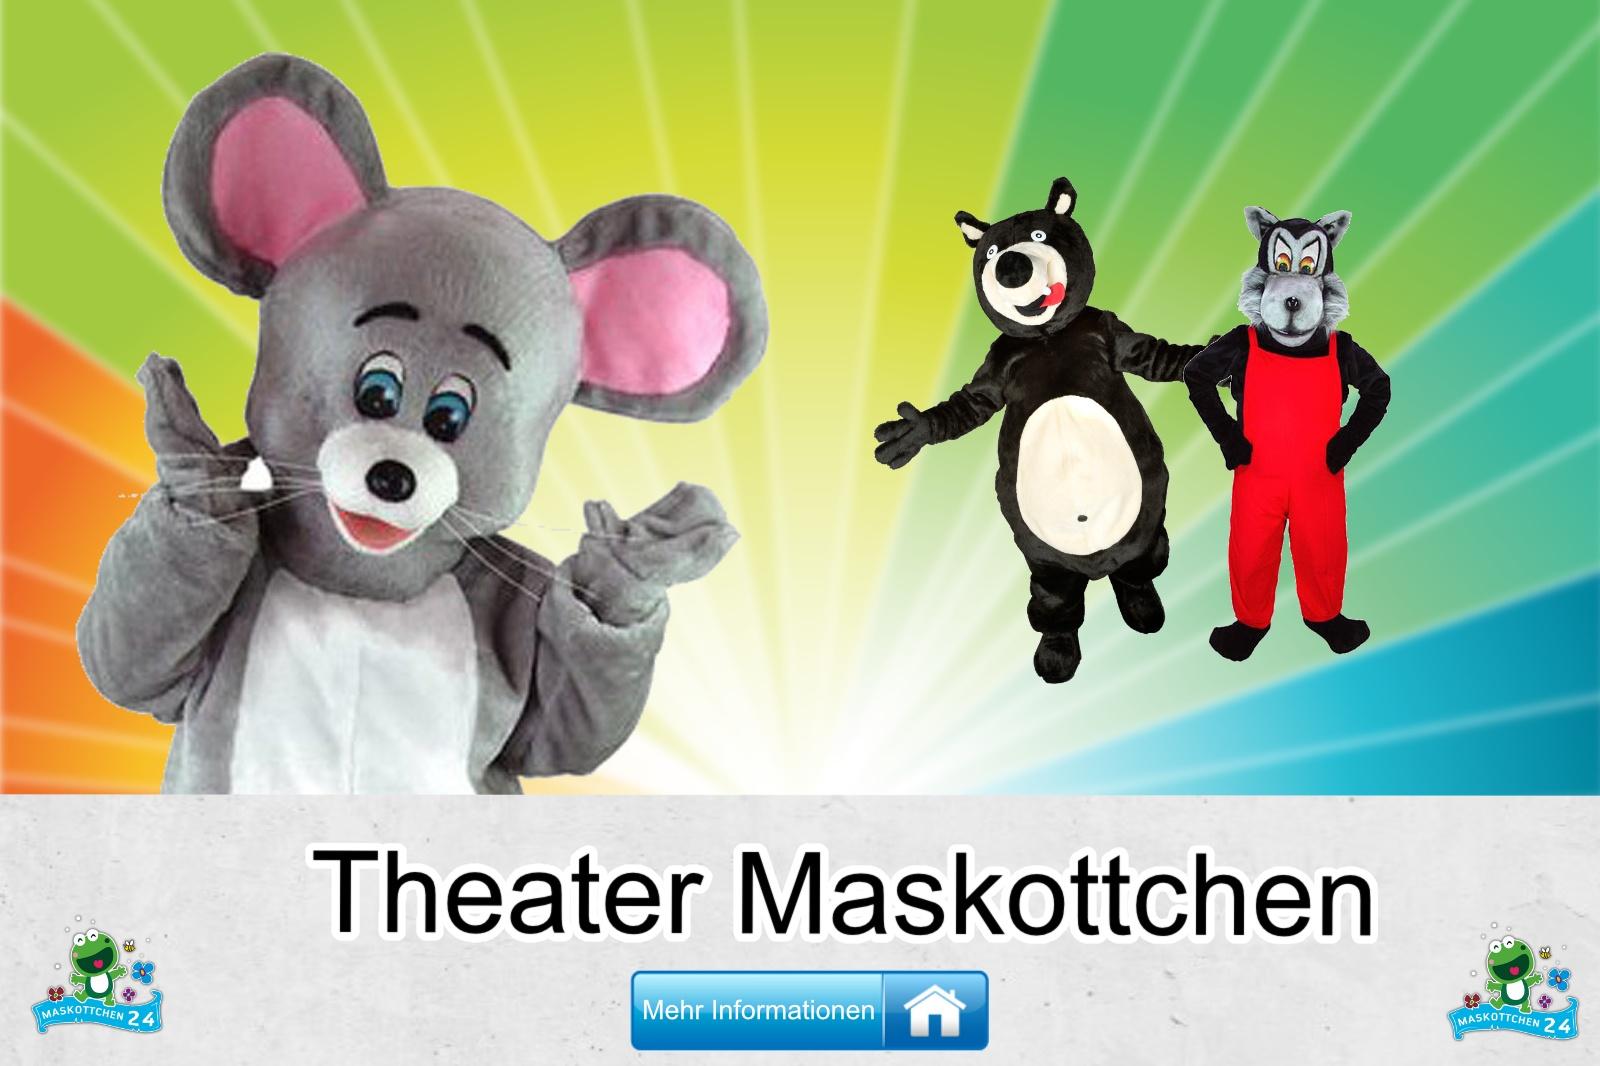 Theater Kostüm kaufen, günstige Produktion / Herstellung